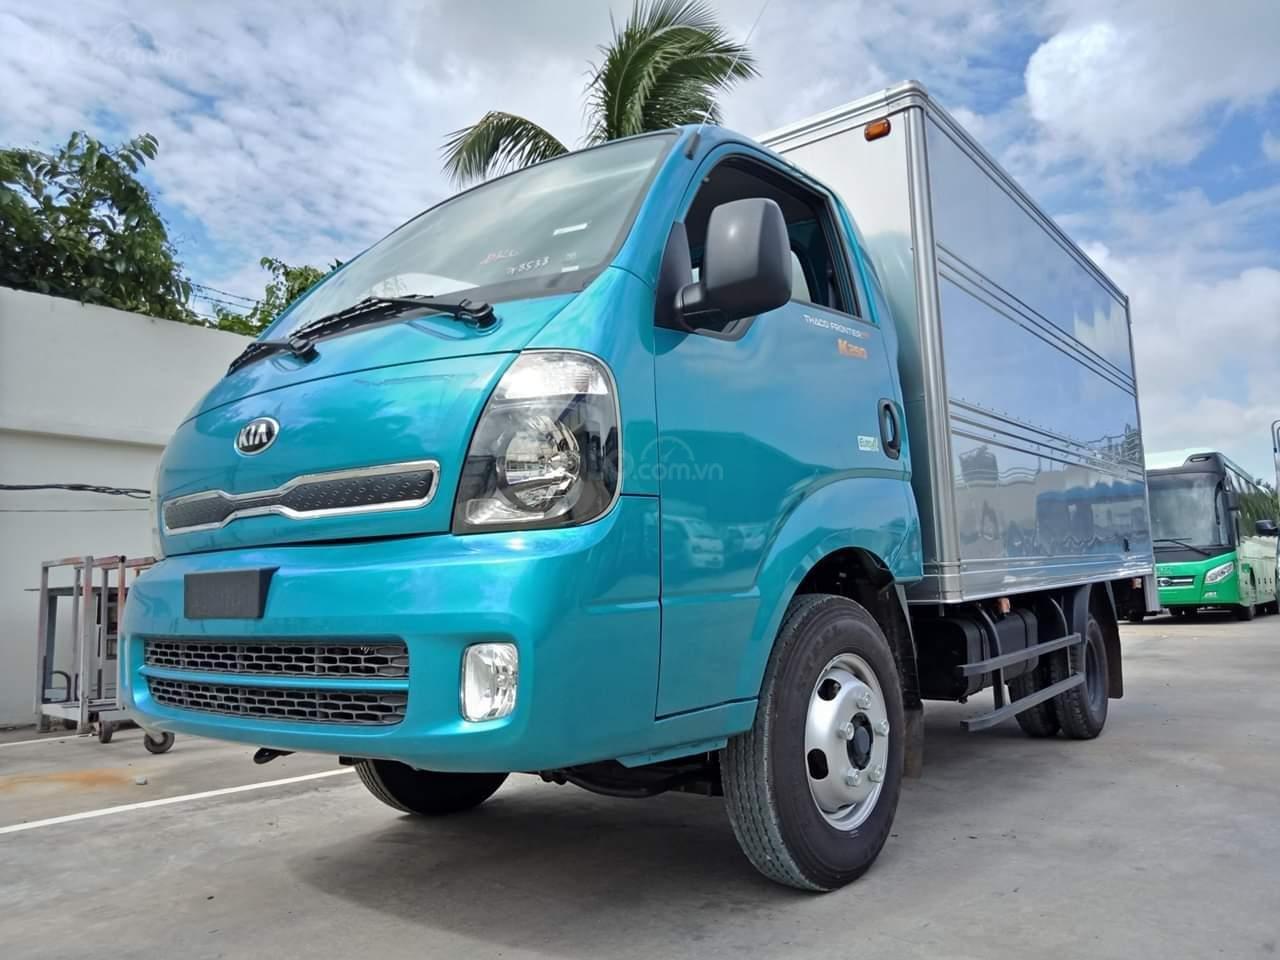 Bán xe tải trả góp Kia K250 máy Hyundai tải 2,49 tấn, có máy lạnh sẵn. Xe có lấy liền tại Thuận An - Bình Dương (2)